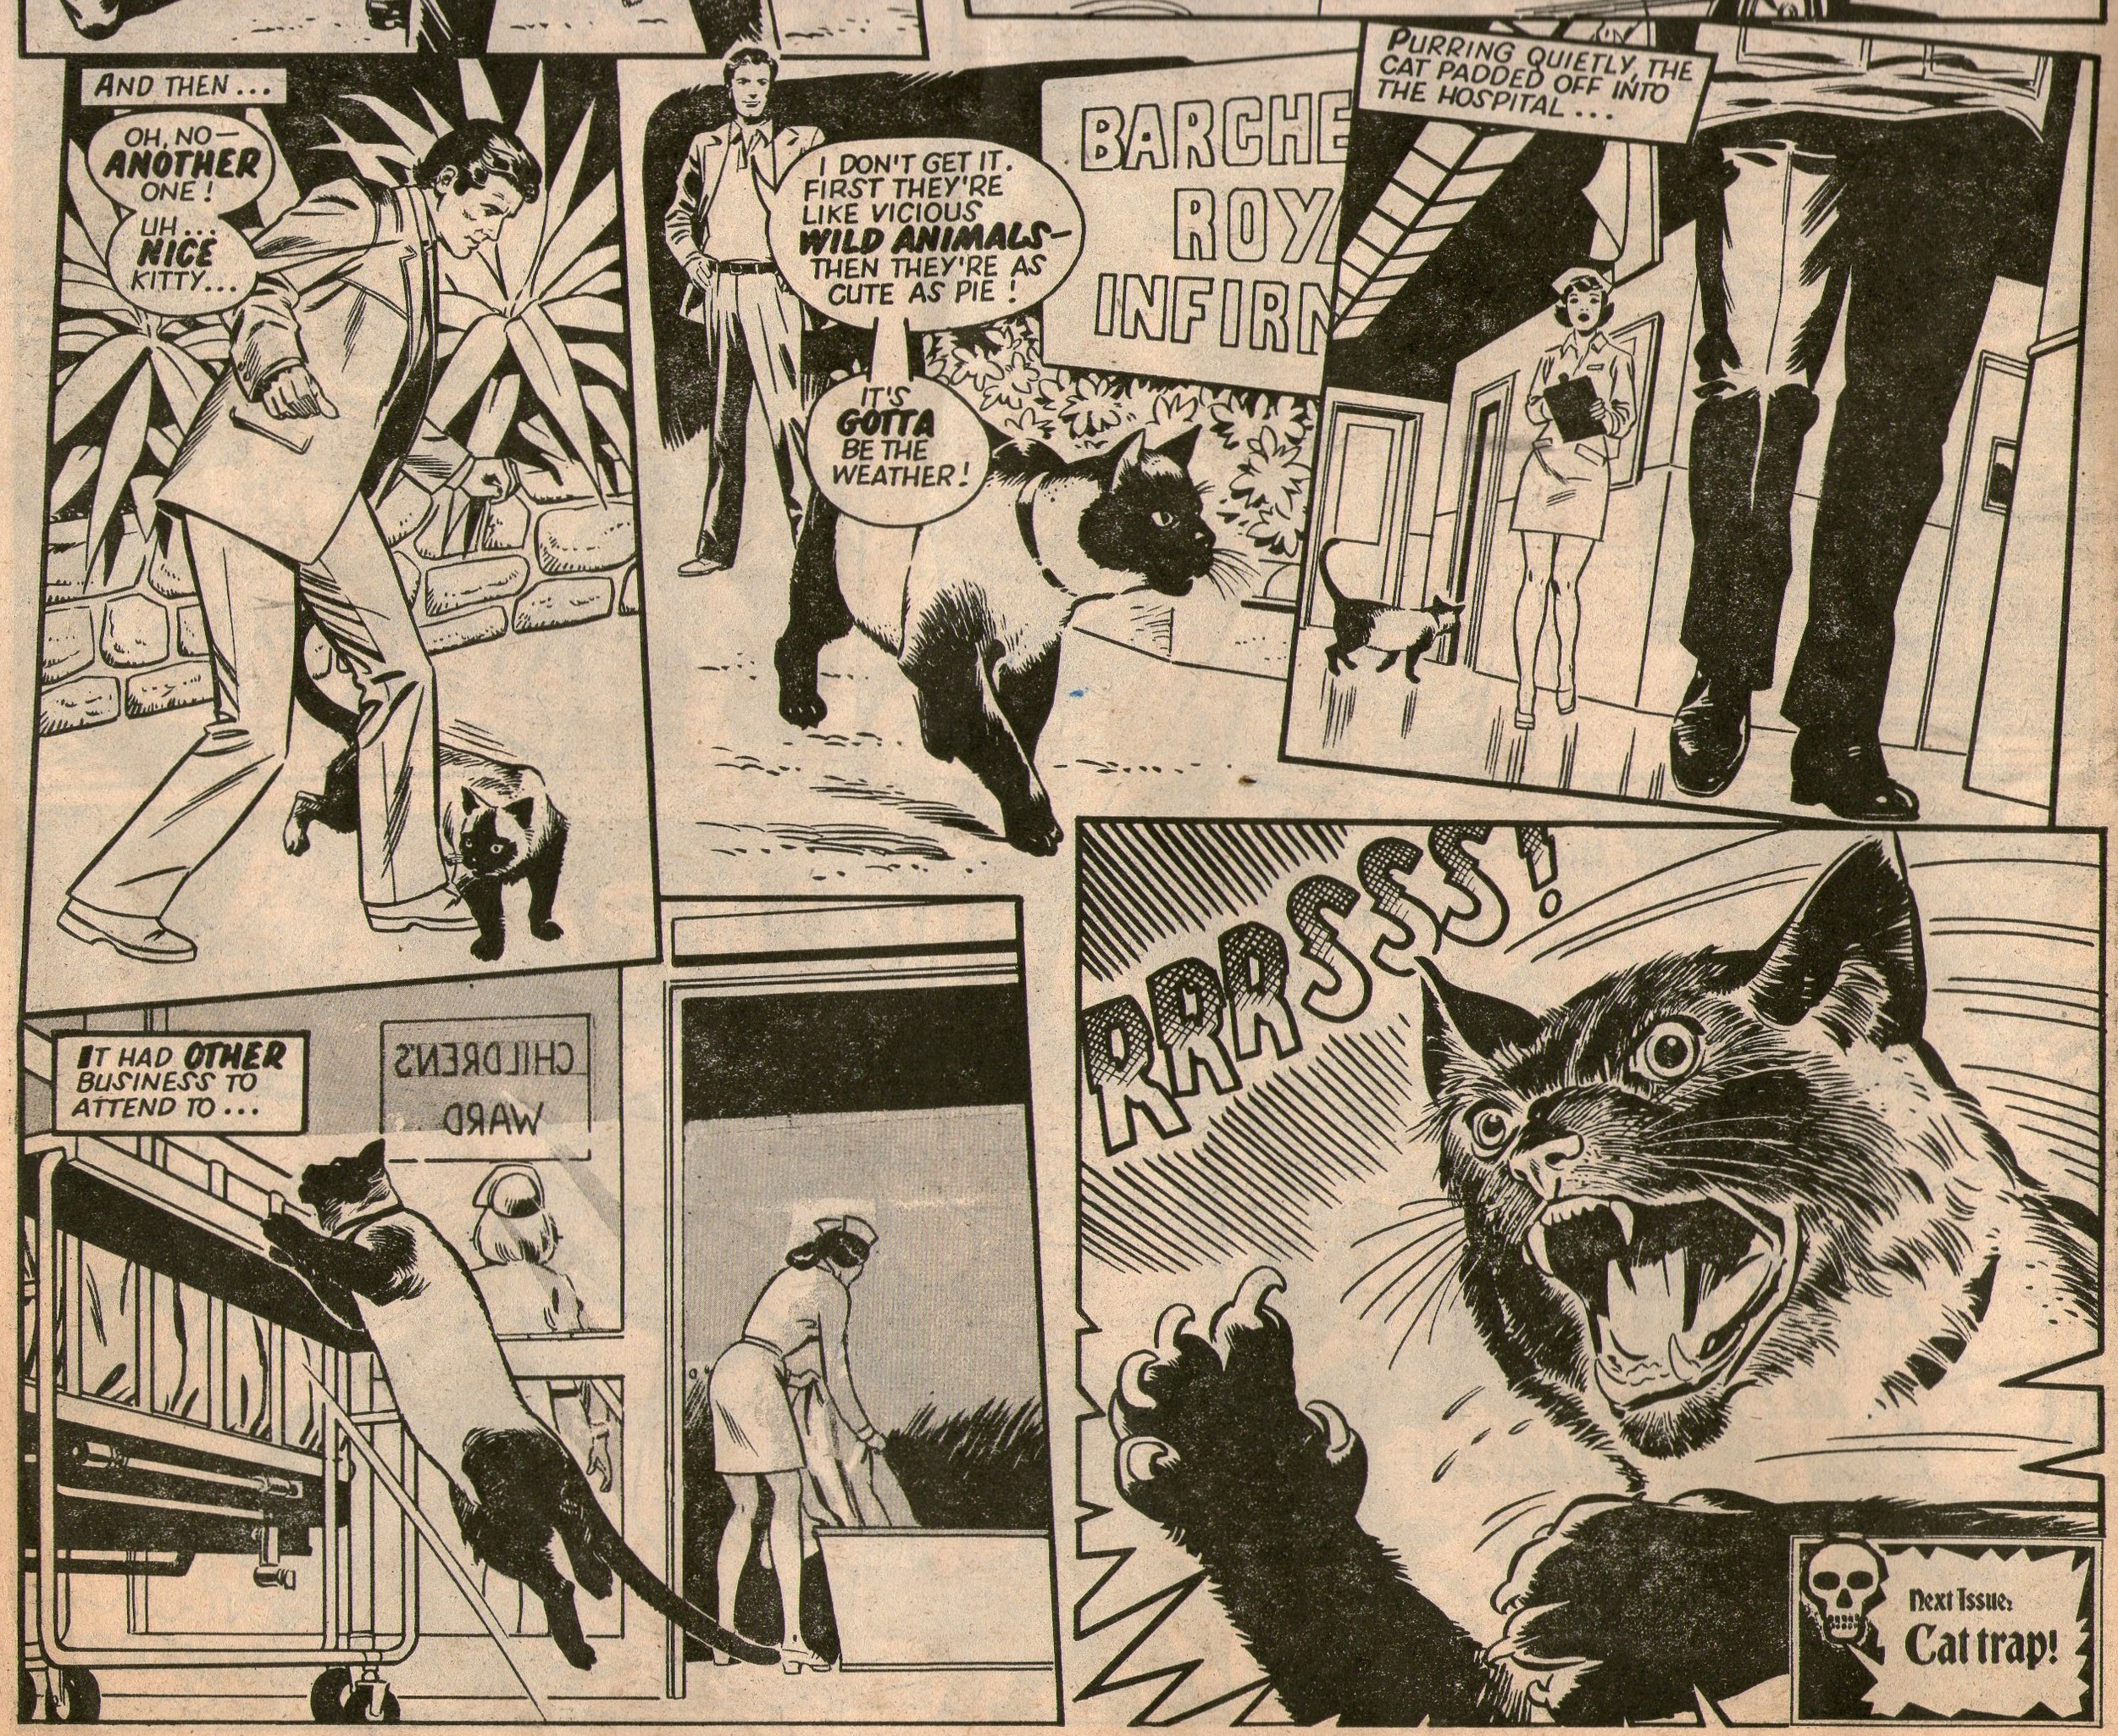 The Terror of the Cats: John Agee (writer), Gonzalez (artist)